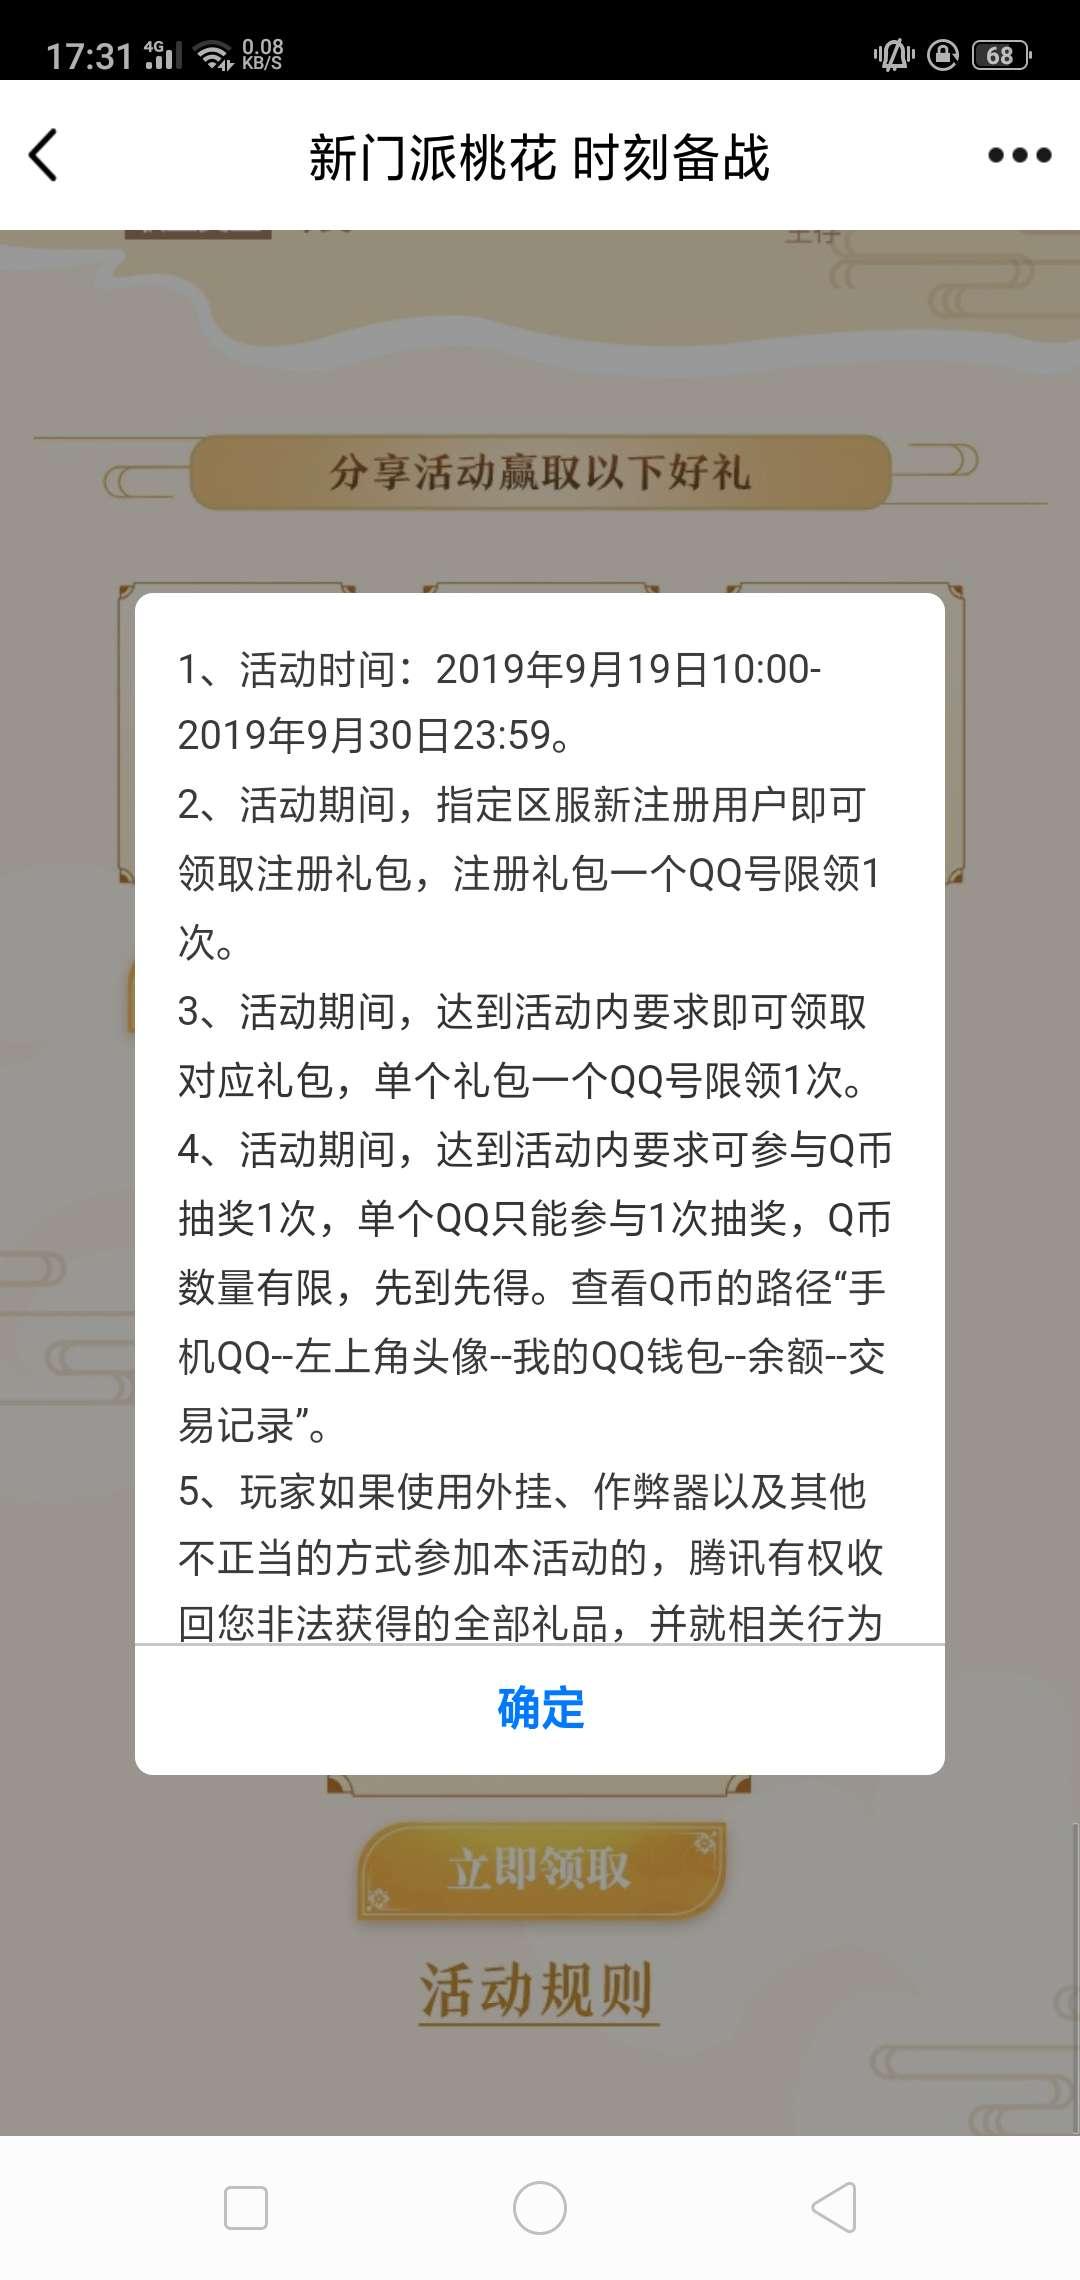 【虚拟物品】天龙八部升级50必拿10Q币-100tui.cn